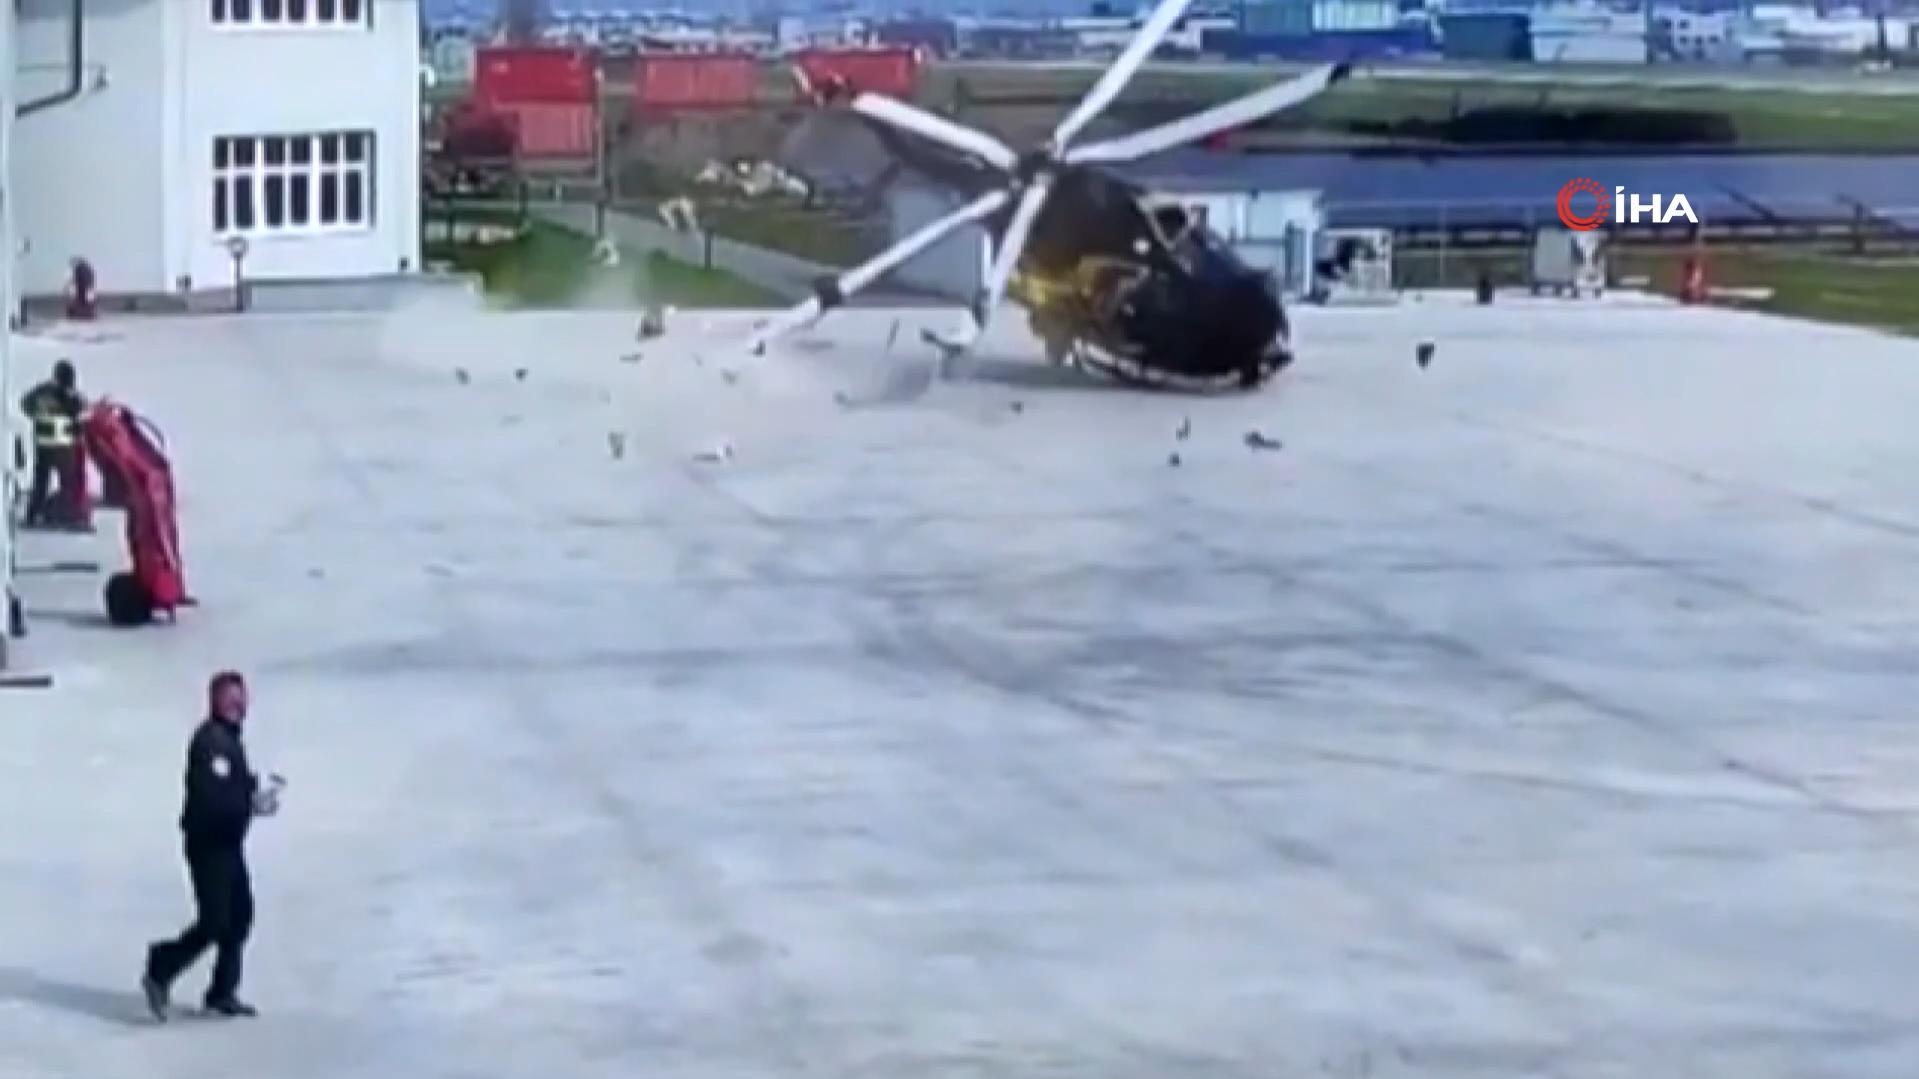 Korkunç anlar anbean kaydedildi! Polis helikopteri havalanırken kaza yaptı